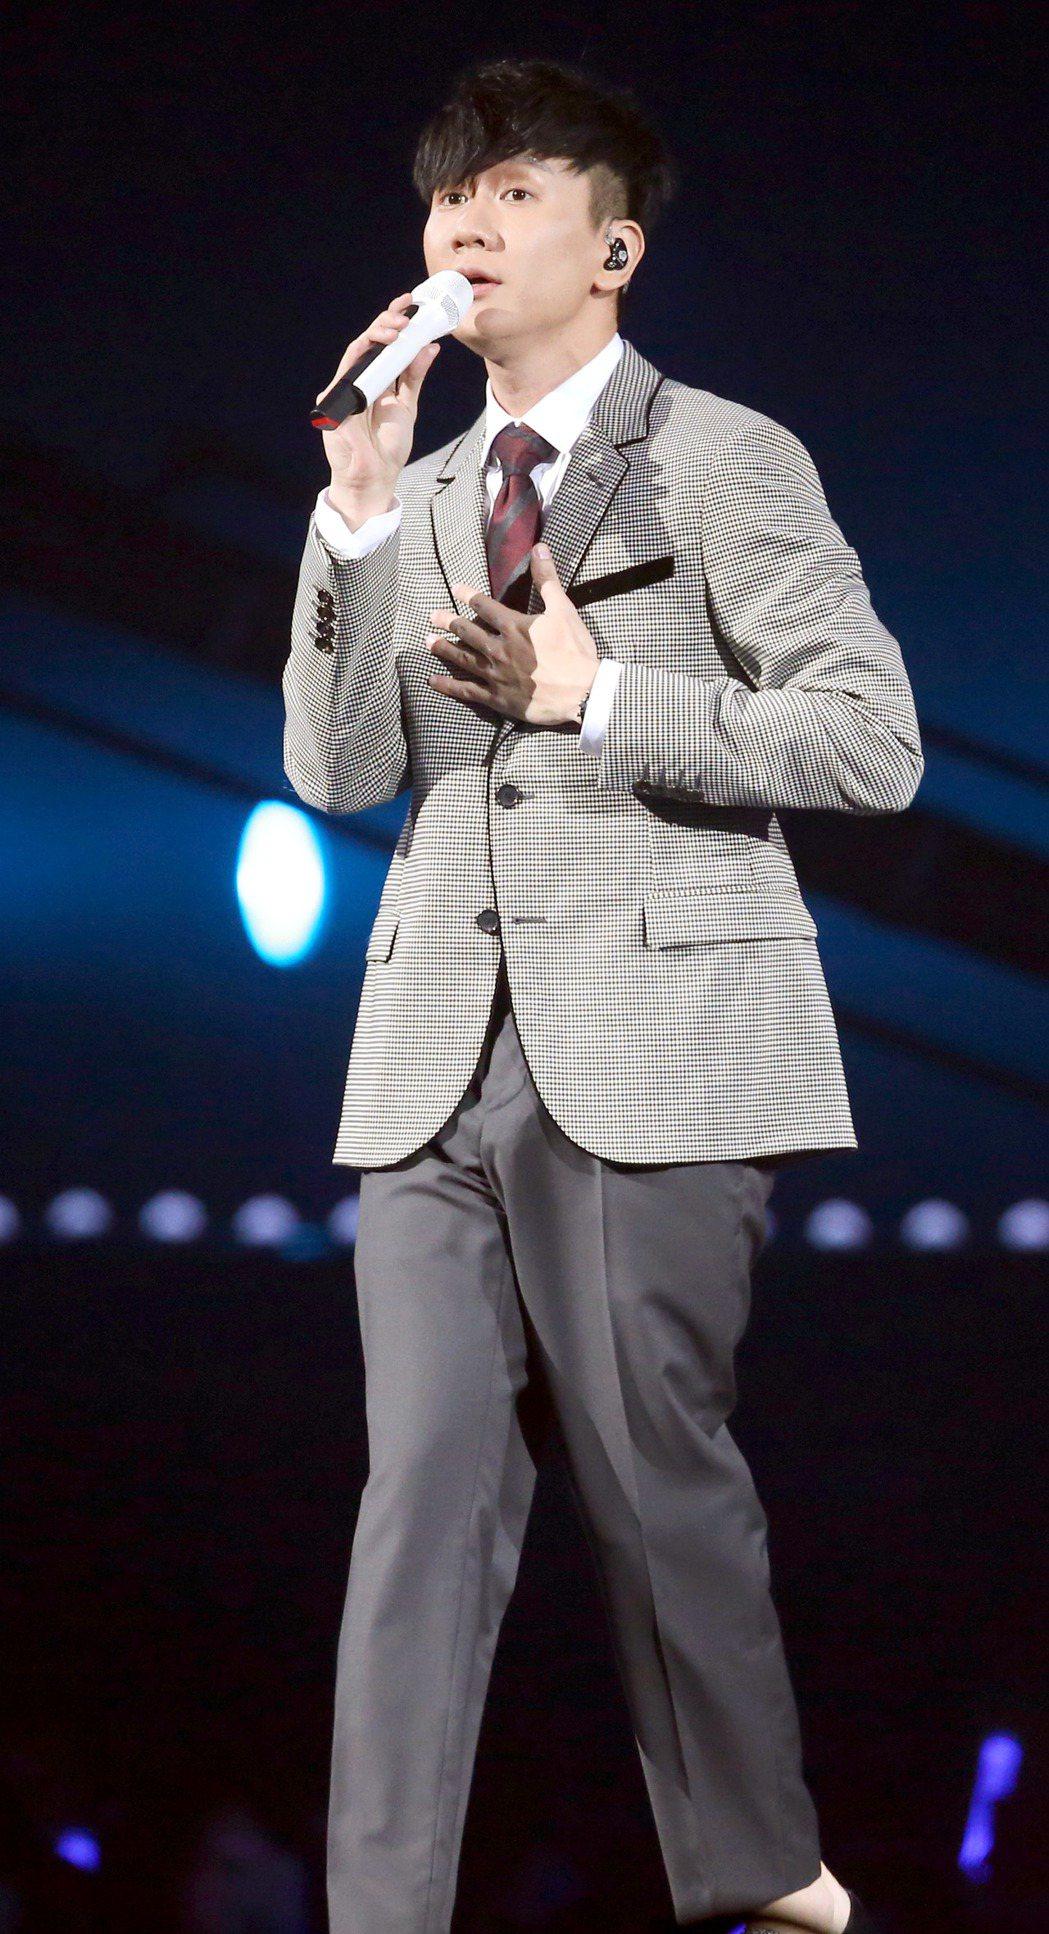 林俊傑在KKBOX風雲榜演唱。記者屠惠剛/攝影